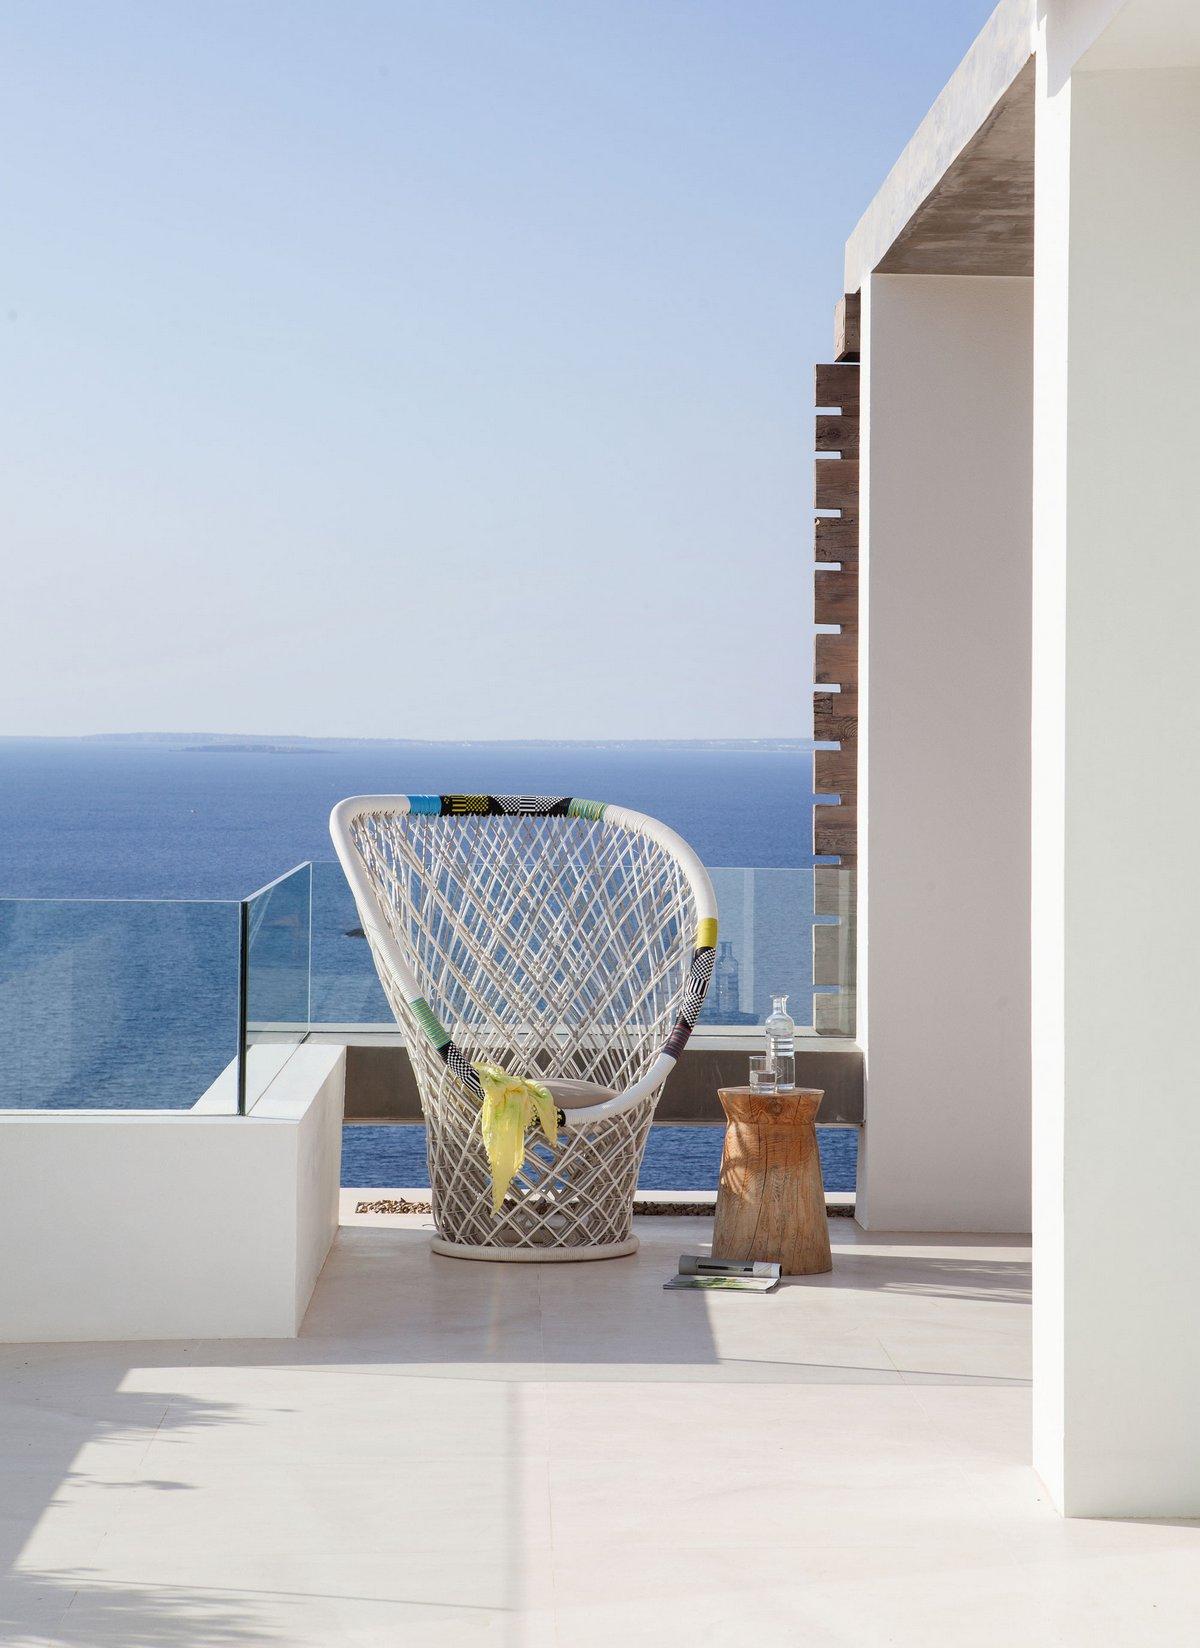 SAOTA, ARRCC, вилла на Ибице, вилла в Испании, вилла на берегу моря, вилла на Средиземном море, особняк с видом на море, частная резиденция на Ибице